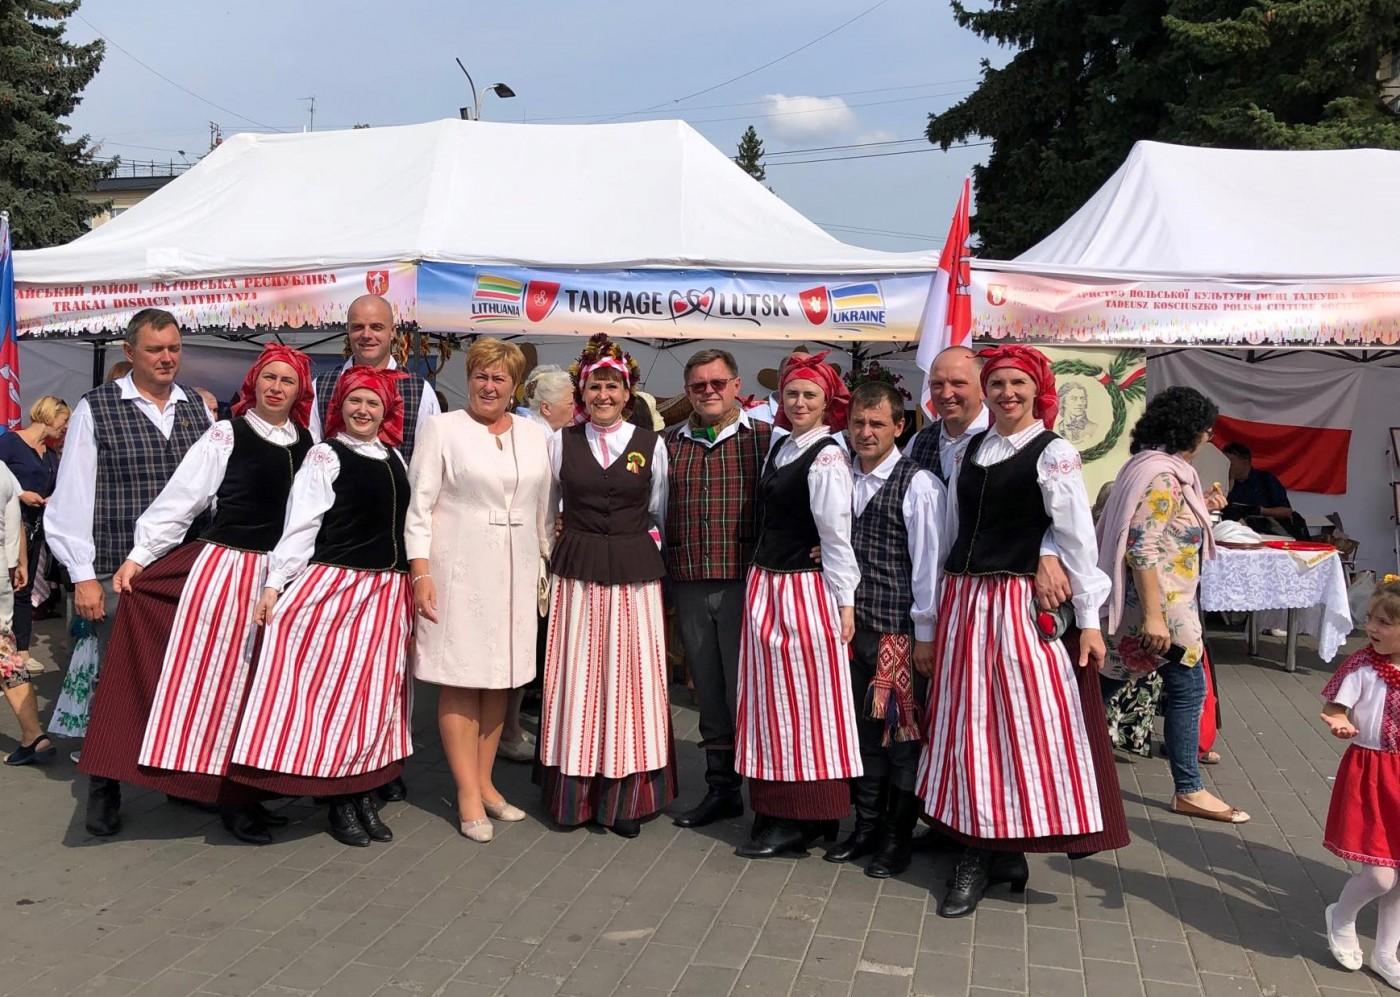 2019-09-07-Tauragės delegacija – Lutsko 934-ųjų miesto įkūrimo metinių šventėje